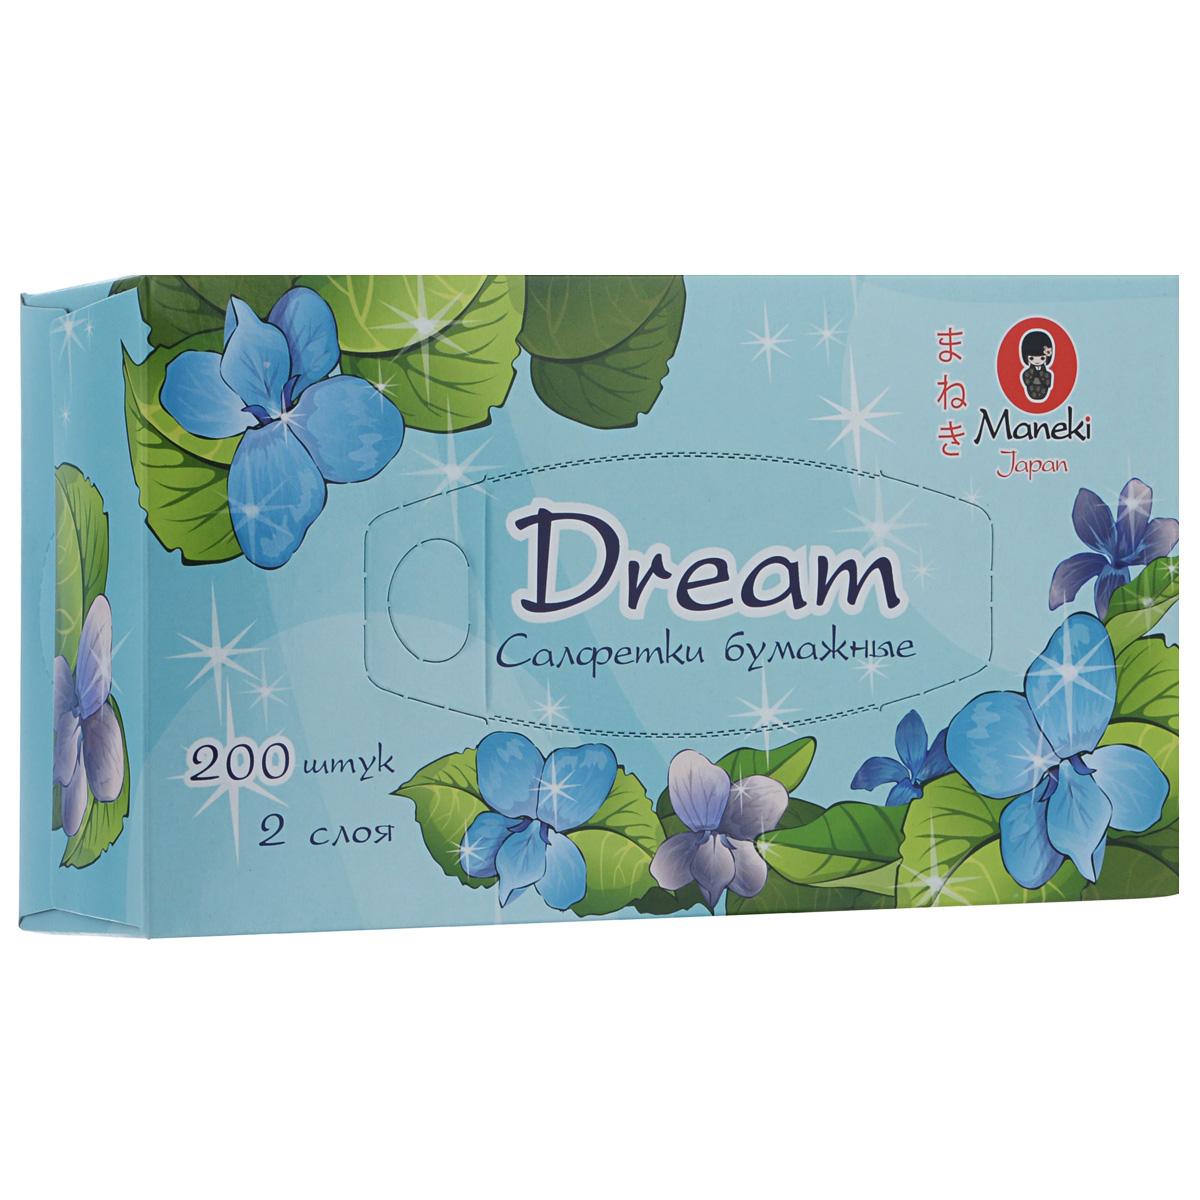 Maneki Салфетки бумажные Dream, двухслойные, цвет: голубой, 200 шт5010777139655Двухслойные бумажные салфетки Maneki Dream, выполненные из натуральной экологически чистой целлюлозы, подарят превосходный комфорт и ощущение чистоты и свежести. Салфетки упакованы в коробку, поэтому их удобно использовать дома или взять с собой в офис или машину.Не содержат хлор.